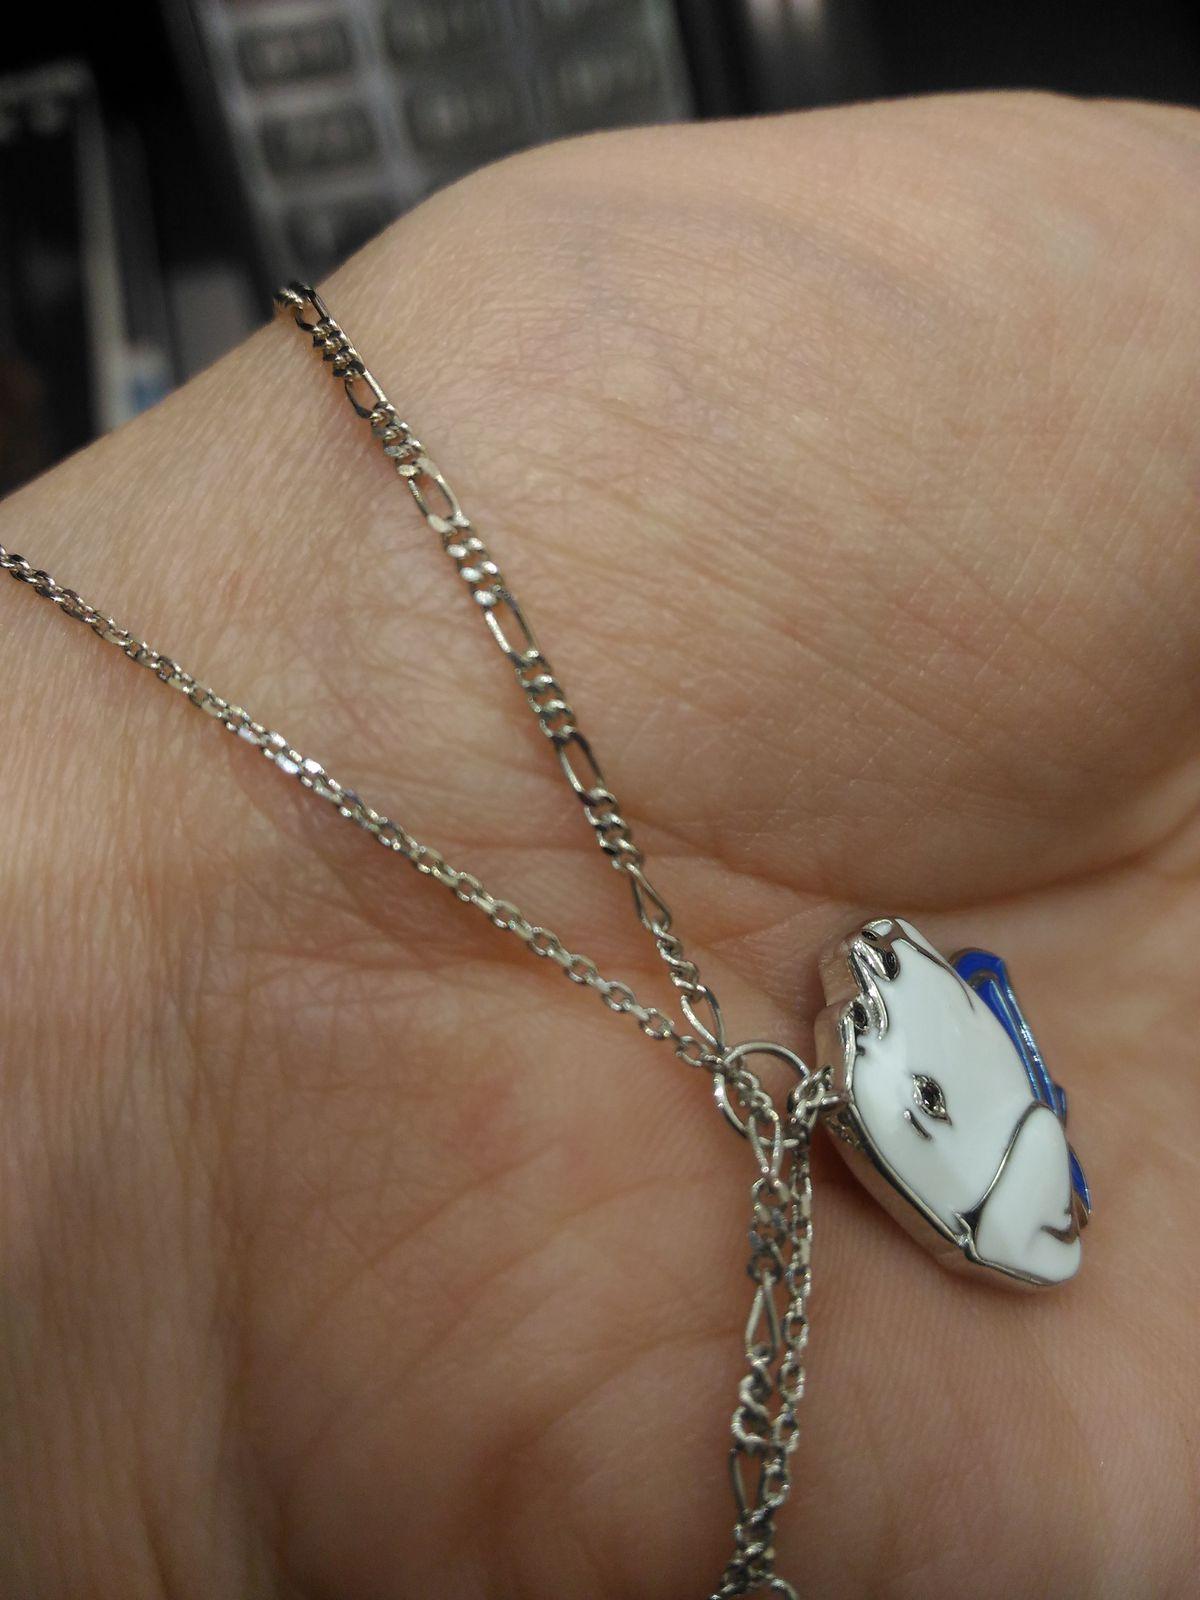 Нейтральный браслет для завершения образа